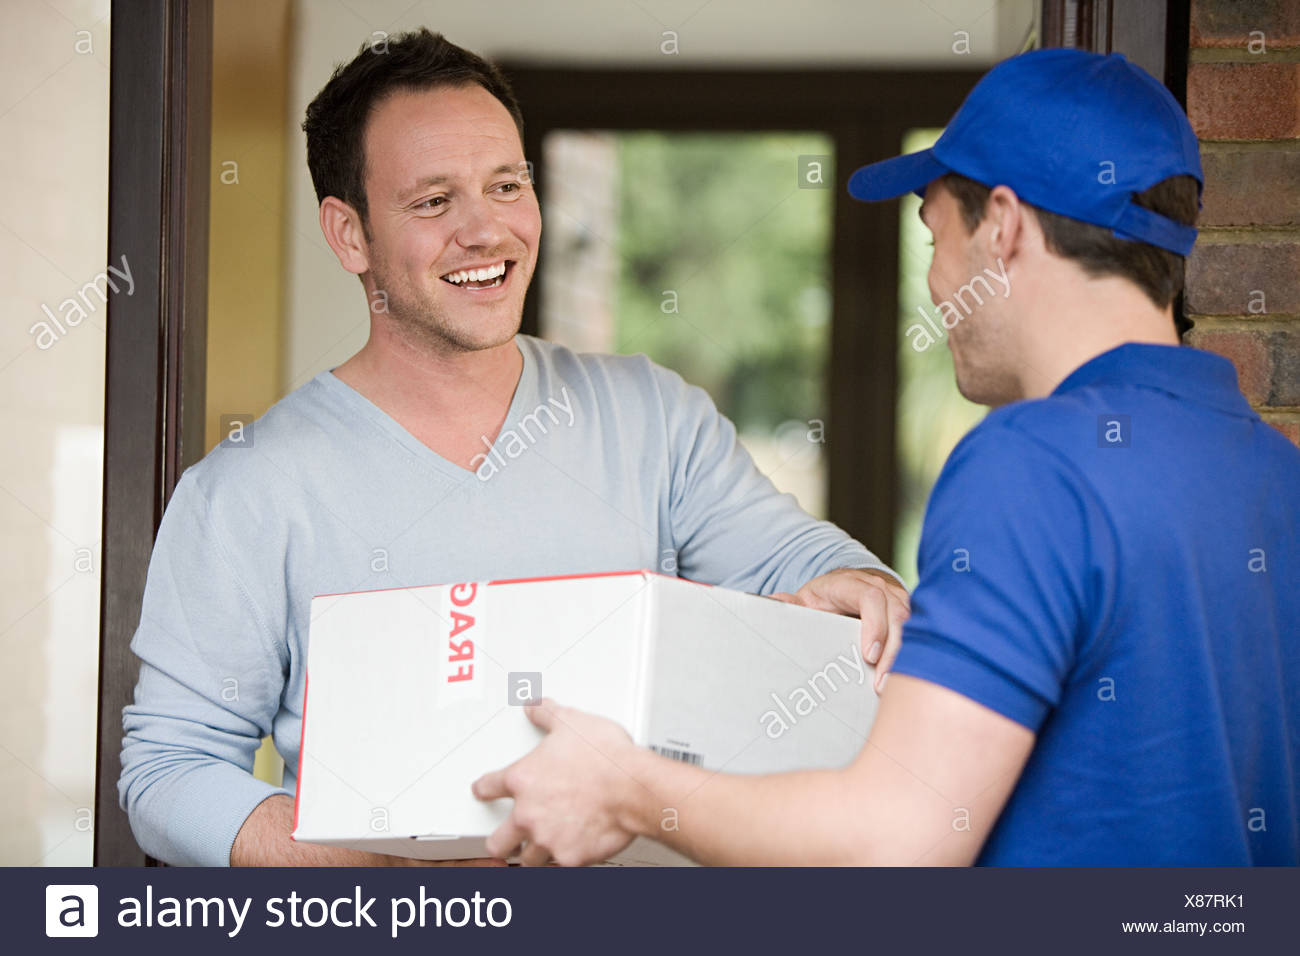 Man having a parcel delivered - Stock Image